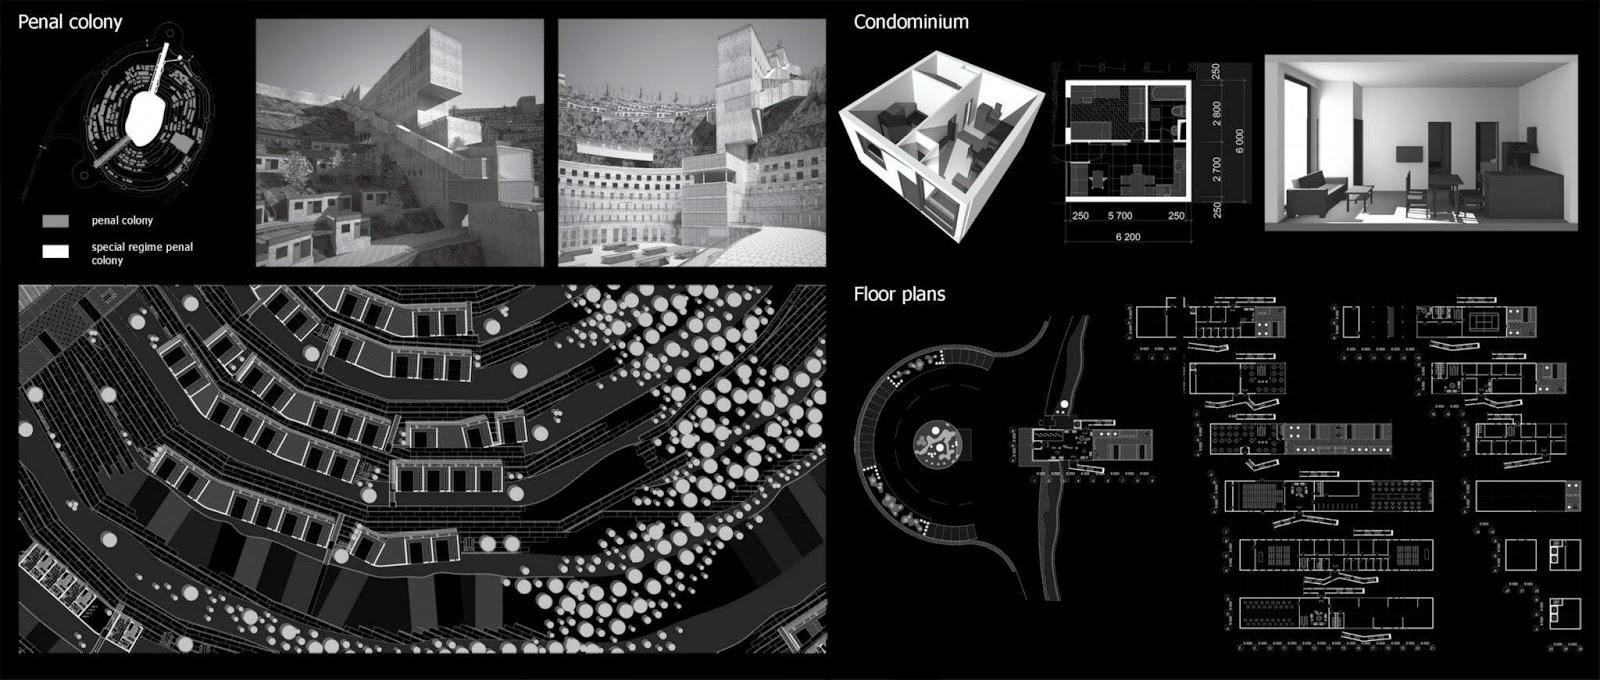 đước các chuyên gia kiến trúc phân tích đánh giá cao